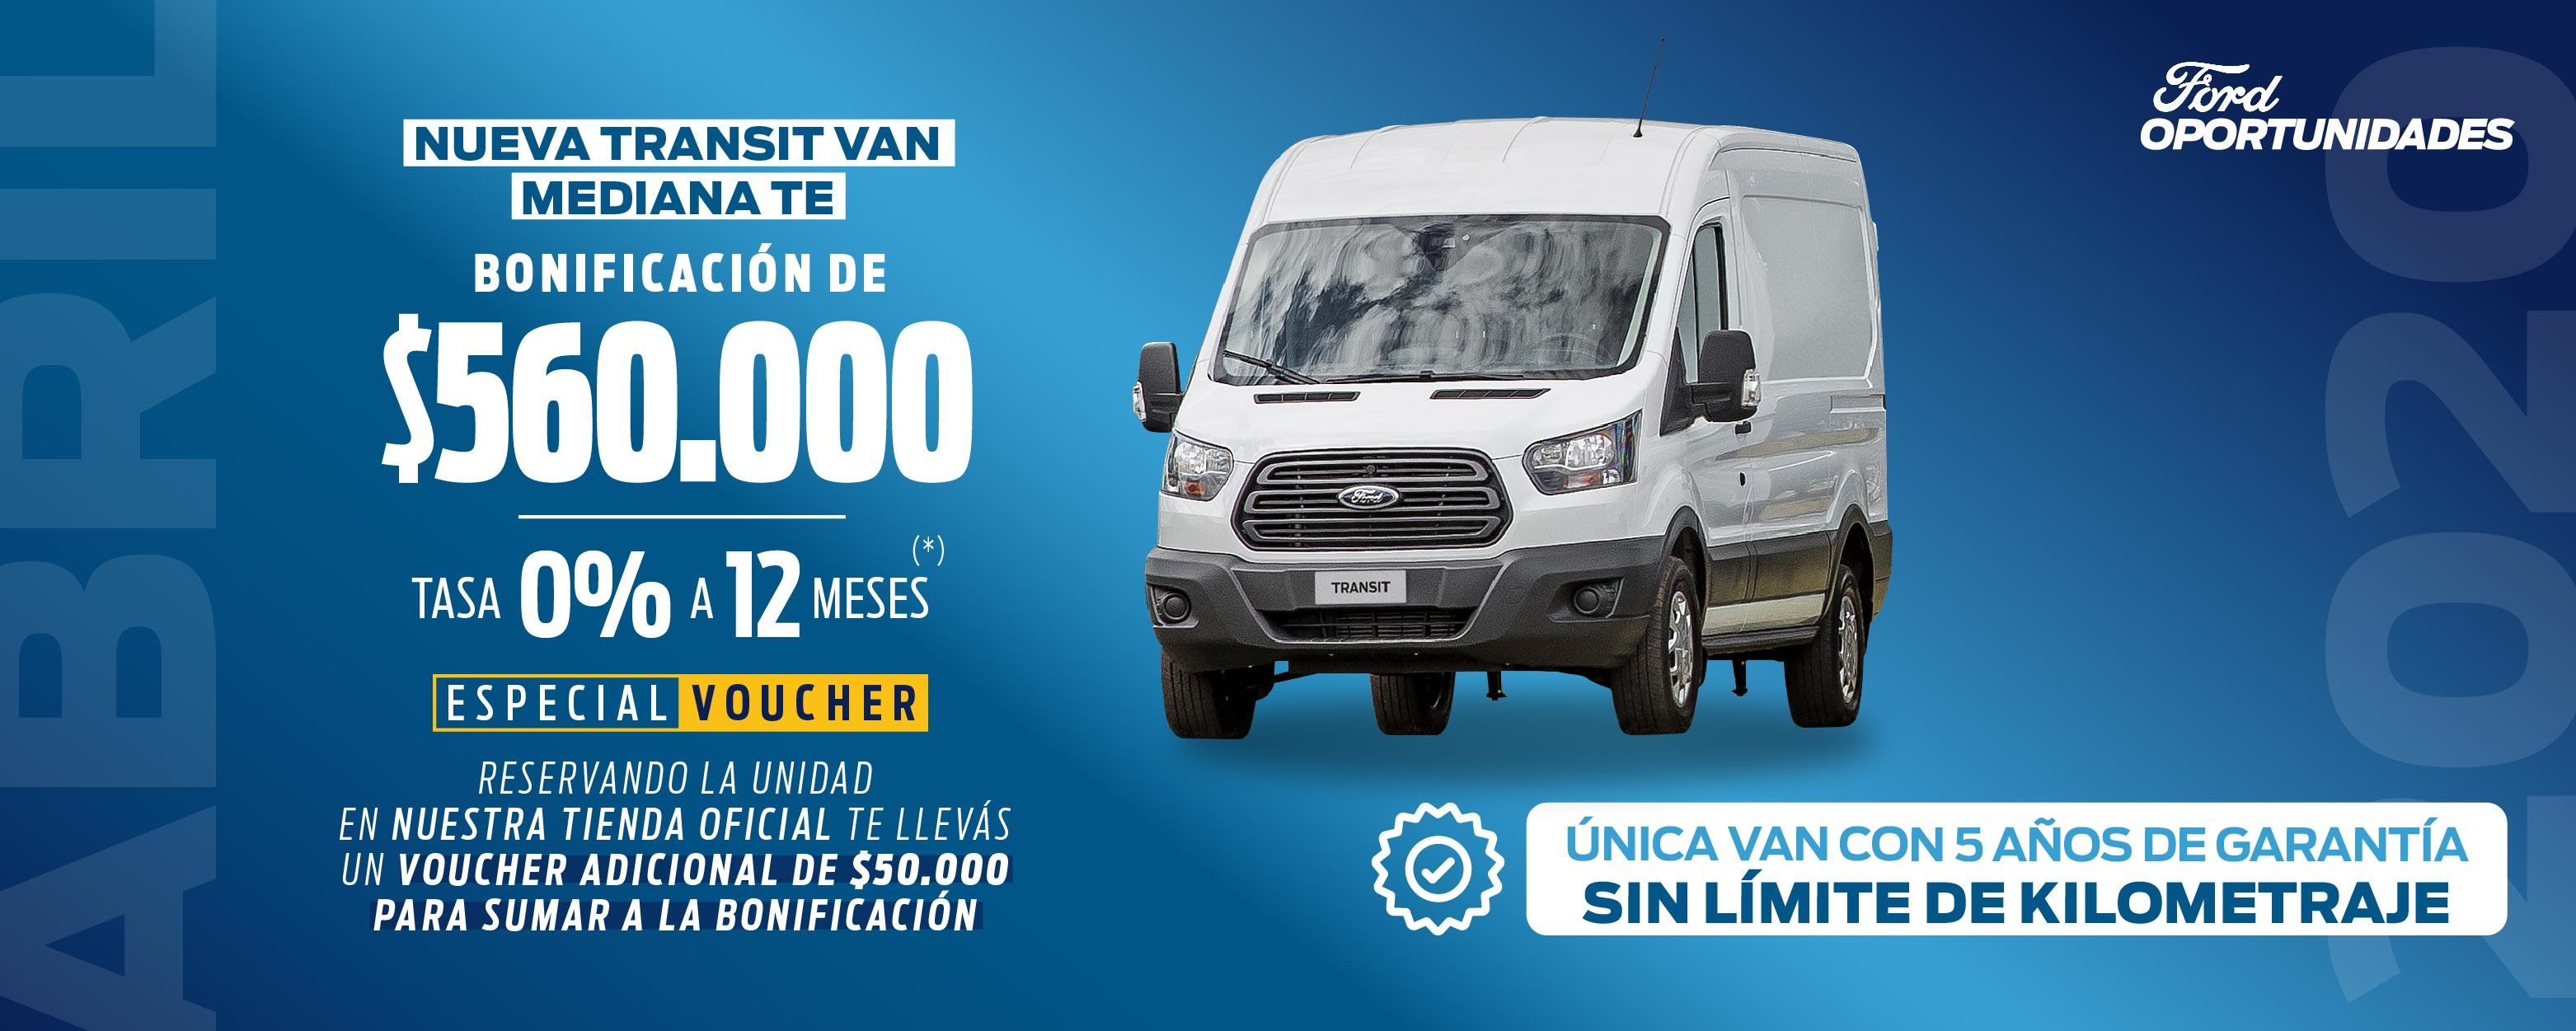 Nueva Transit Van Mediana